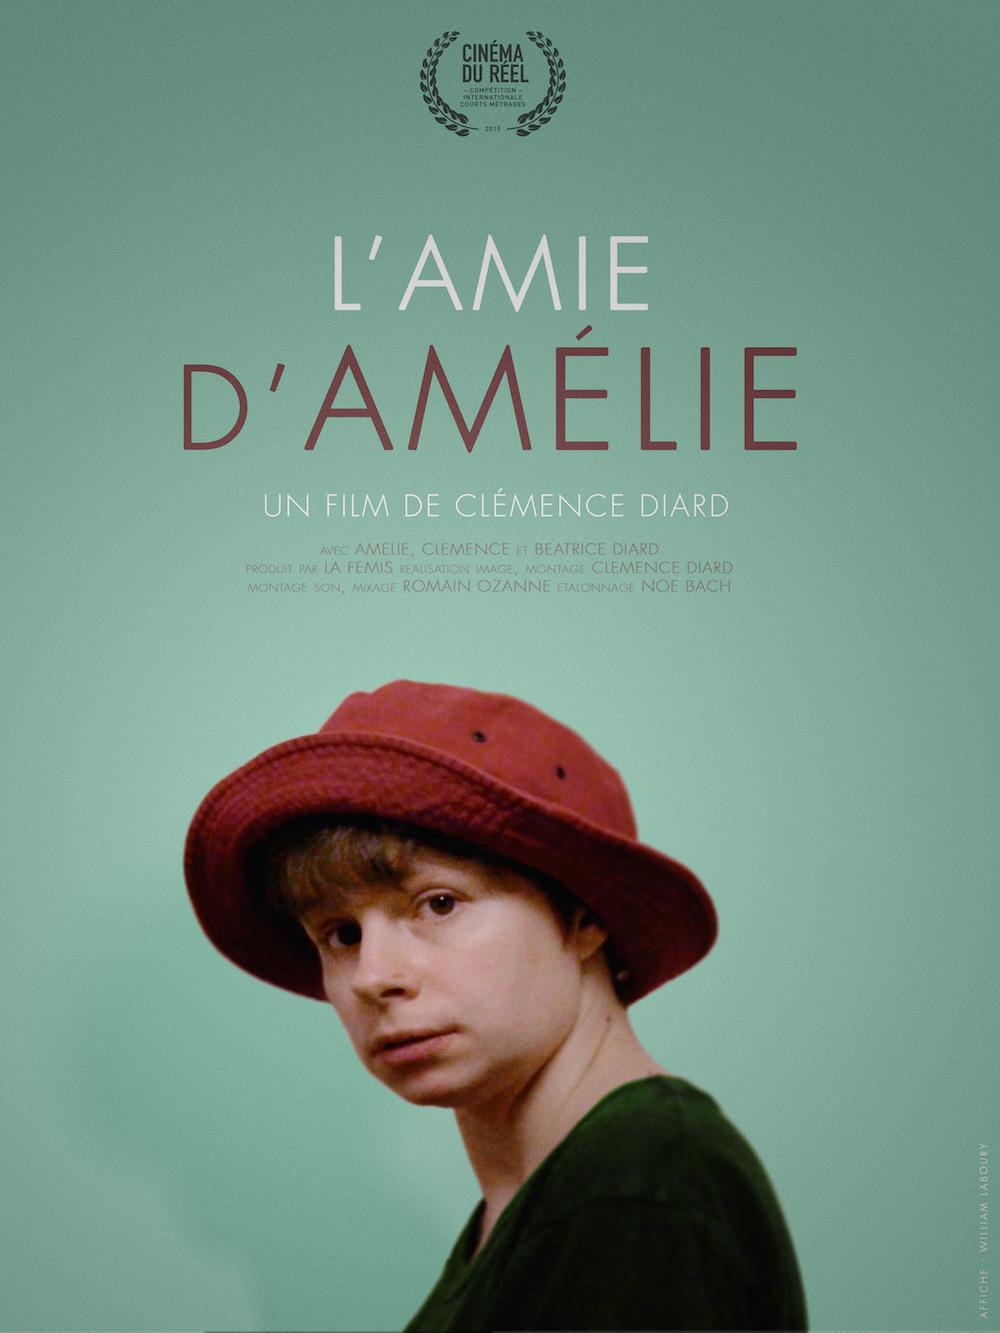 L'Amie d'Amélie